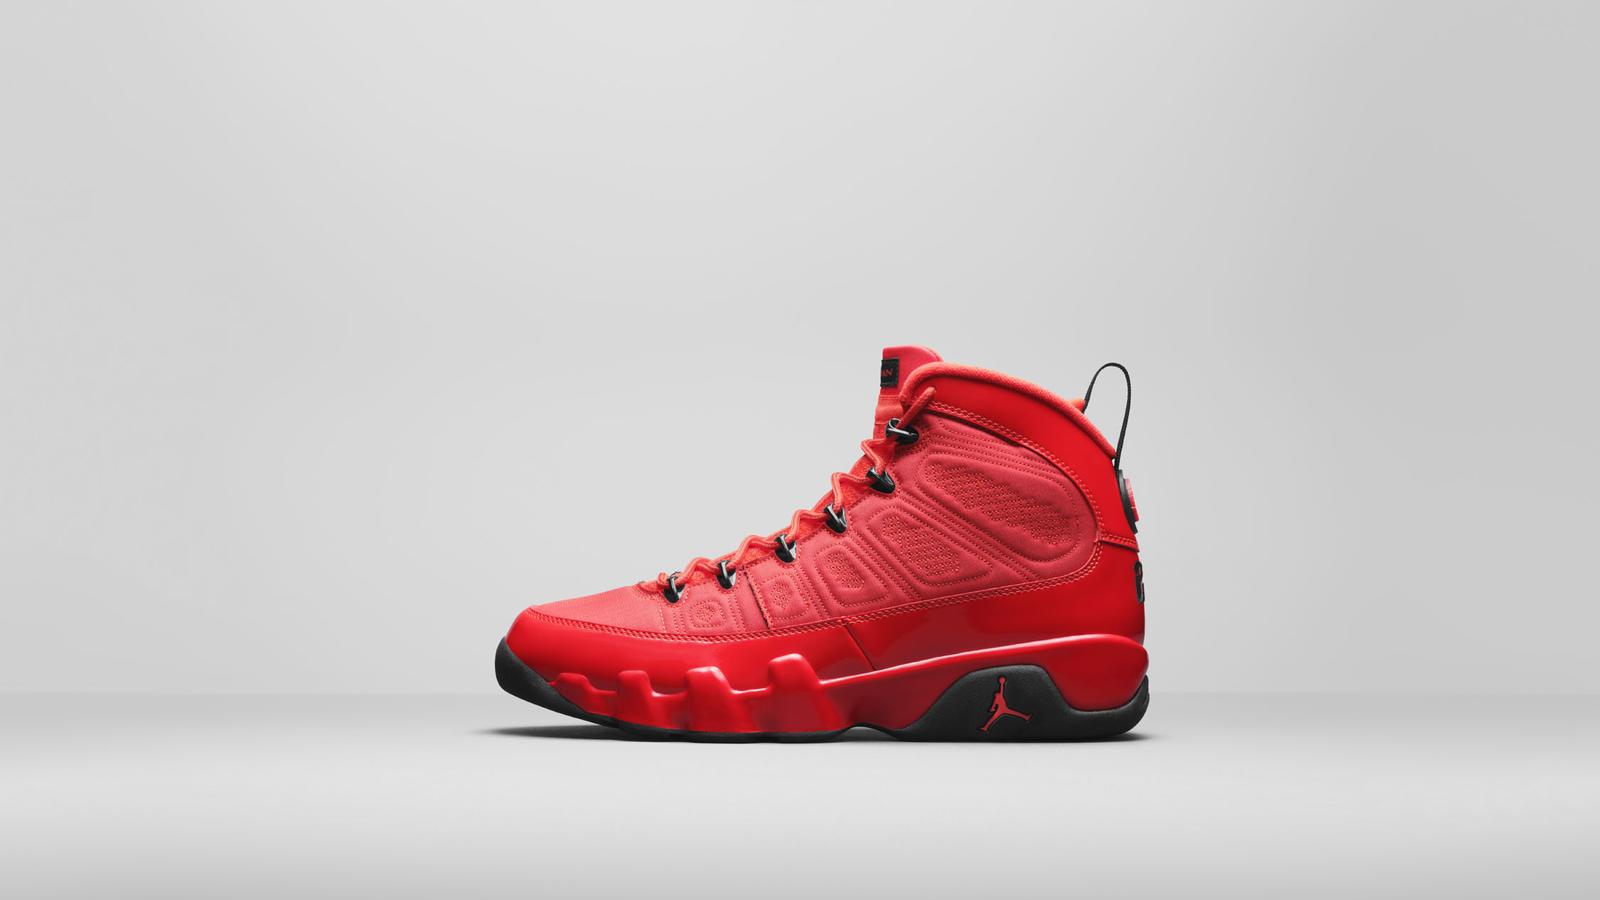 Nike News Jordan Brand Ho21 Retro Preview Aj Ix Retro Ct8019 600 A1 Lateral V03 Lr